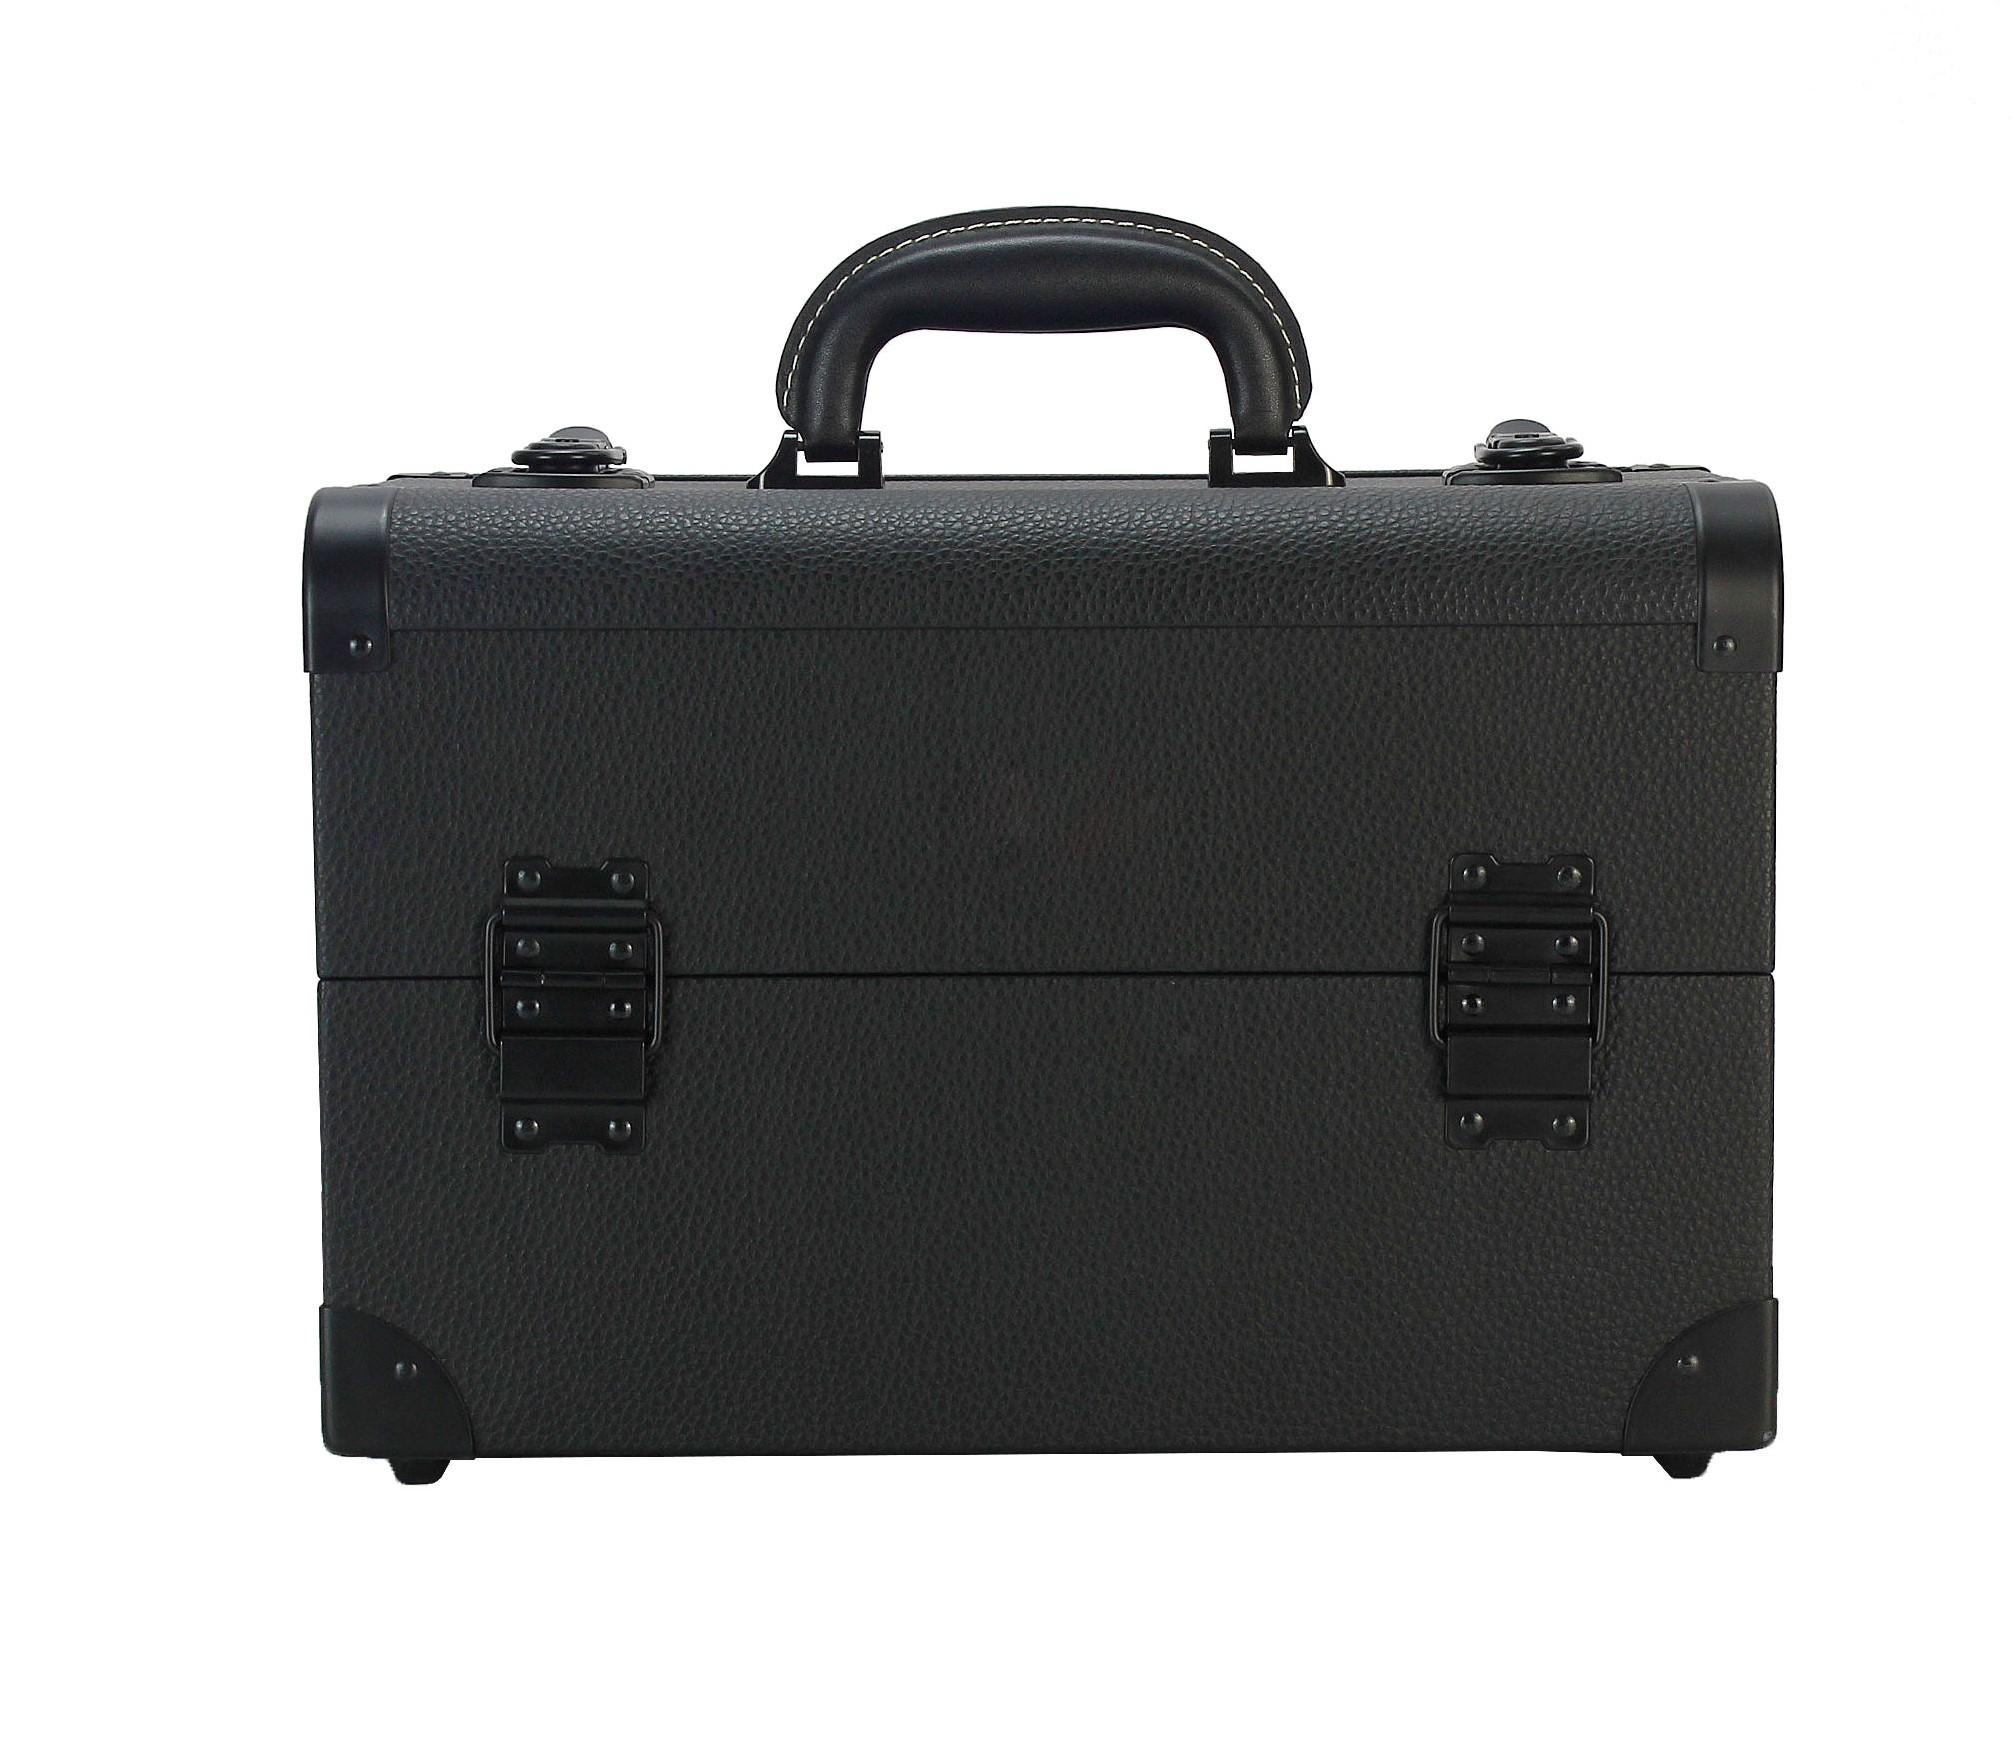 Бьюти кейс для визажиста MC 3622 (черный) - изображение